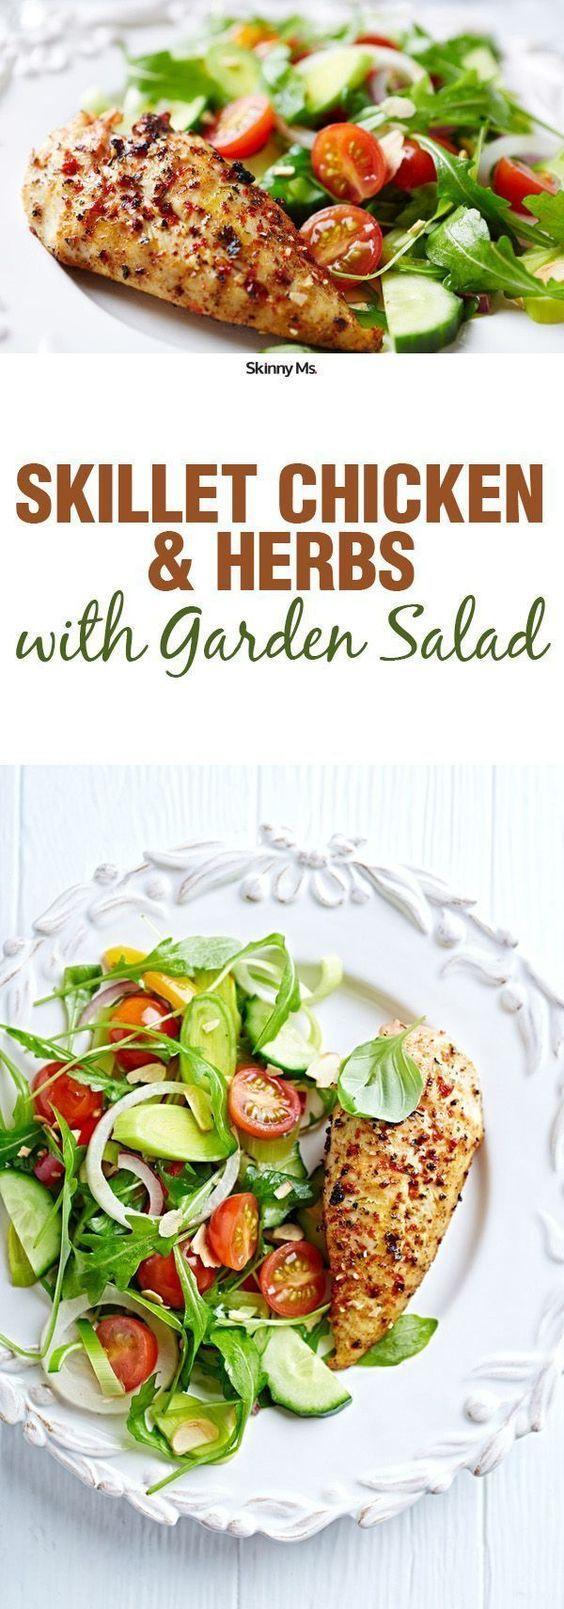 Skillet Chicken Herbs with Garden Salad